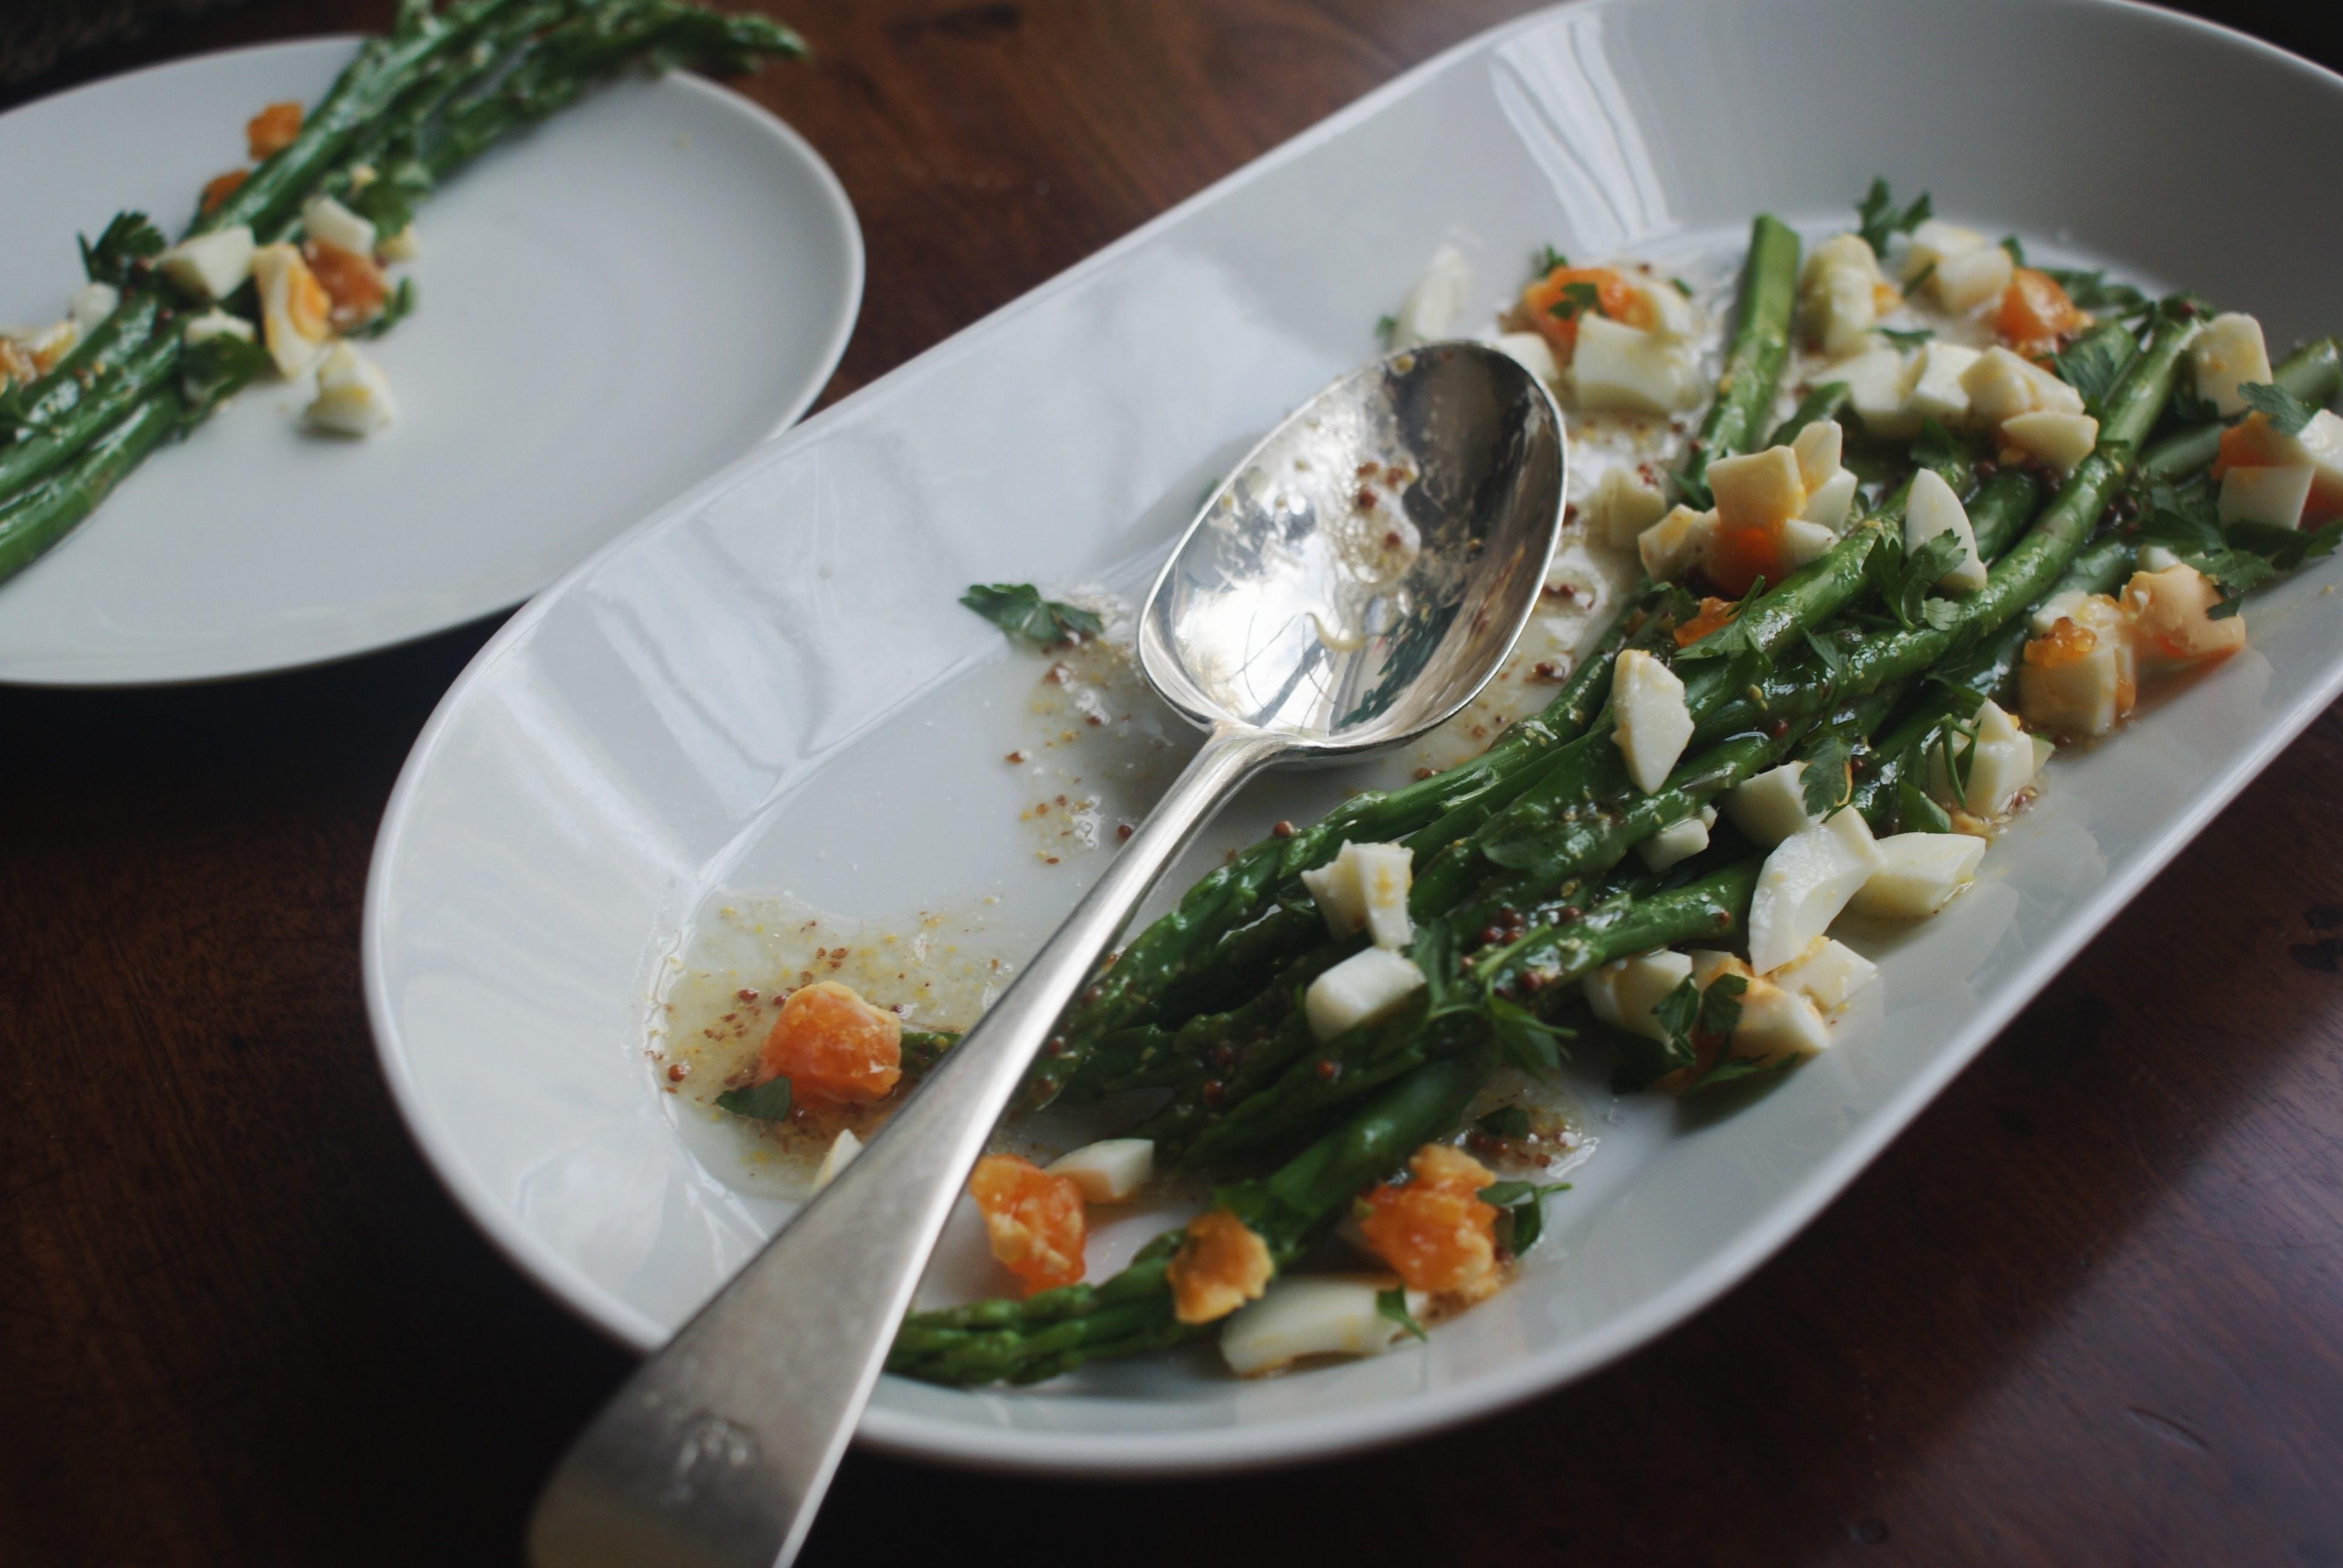 asparagus vinaigrette nigellaeatseverything.com